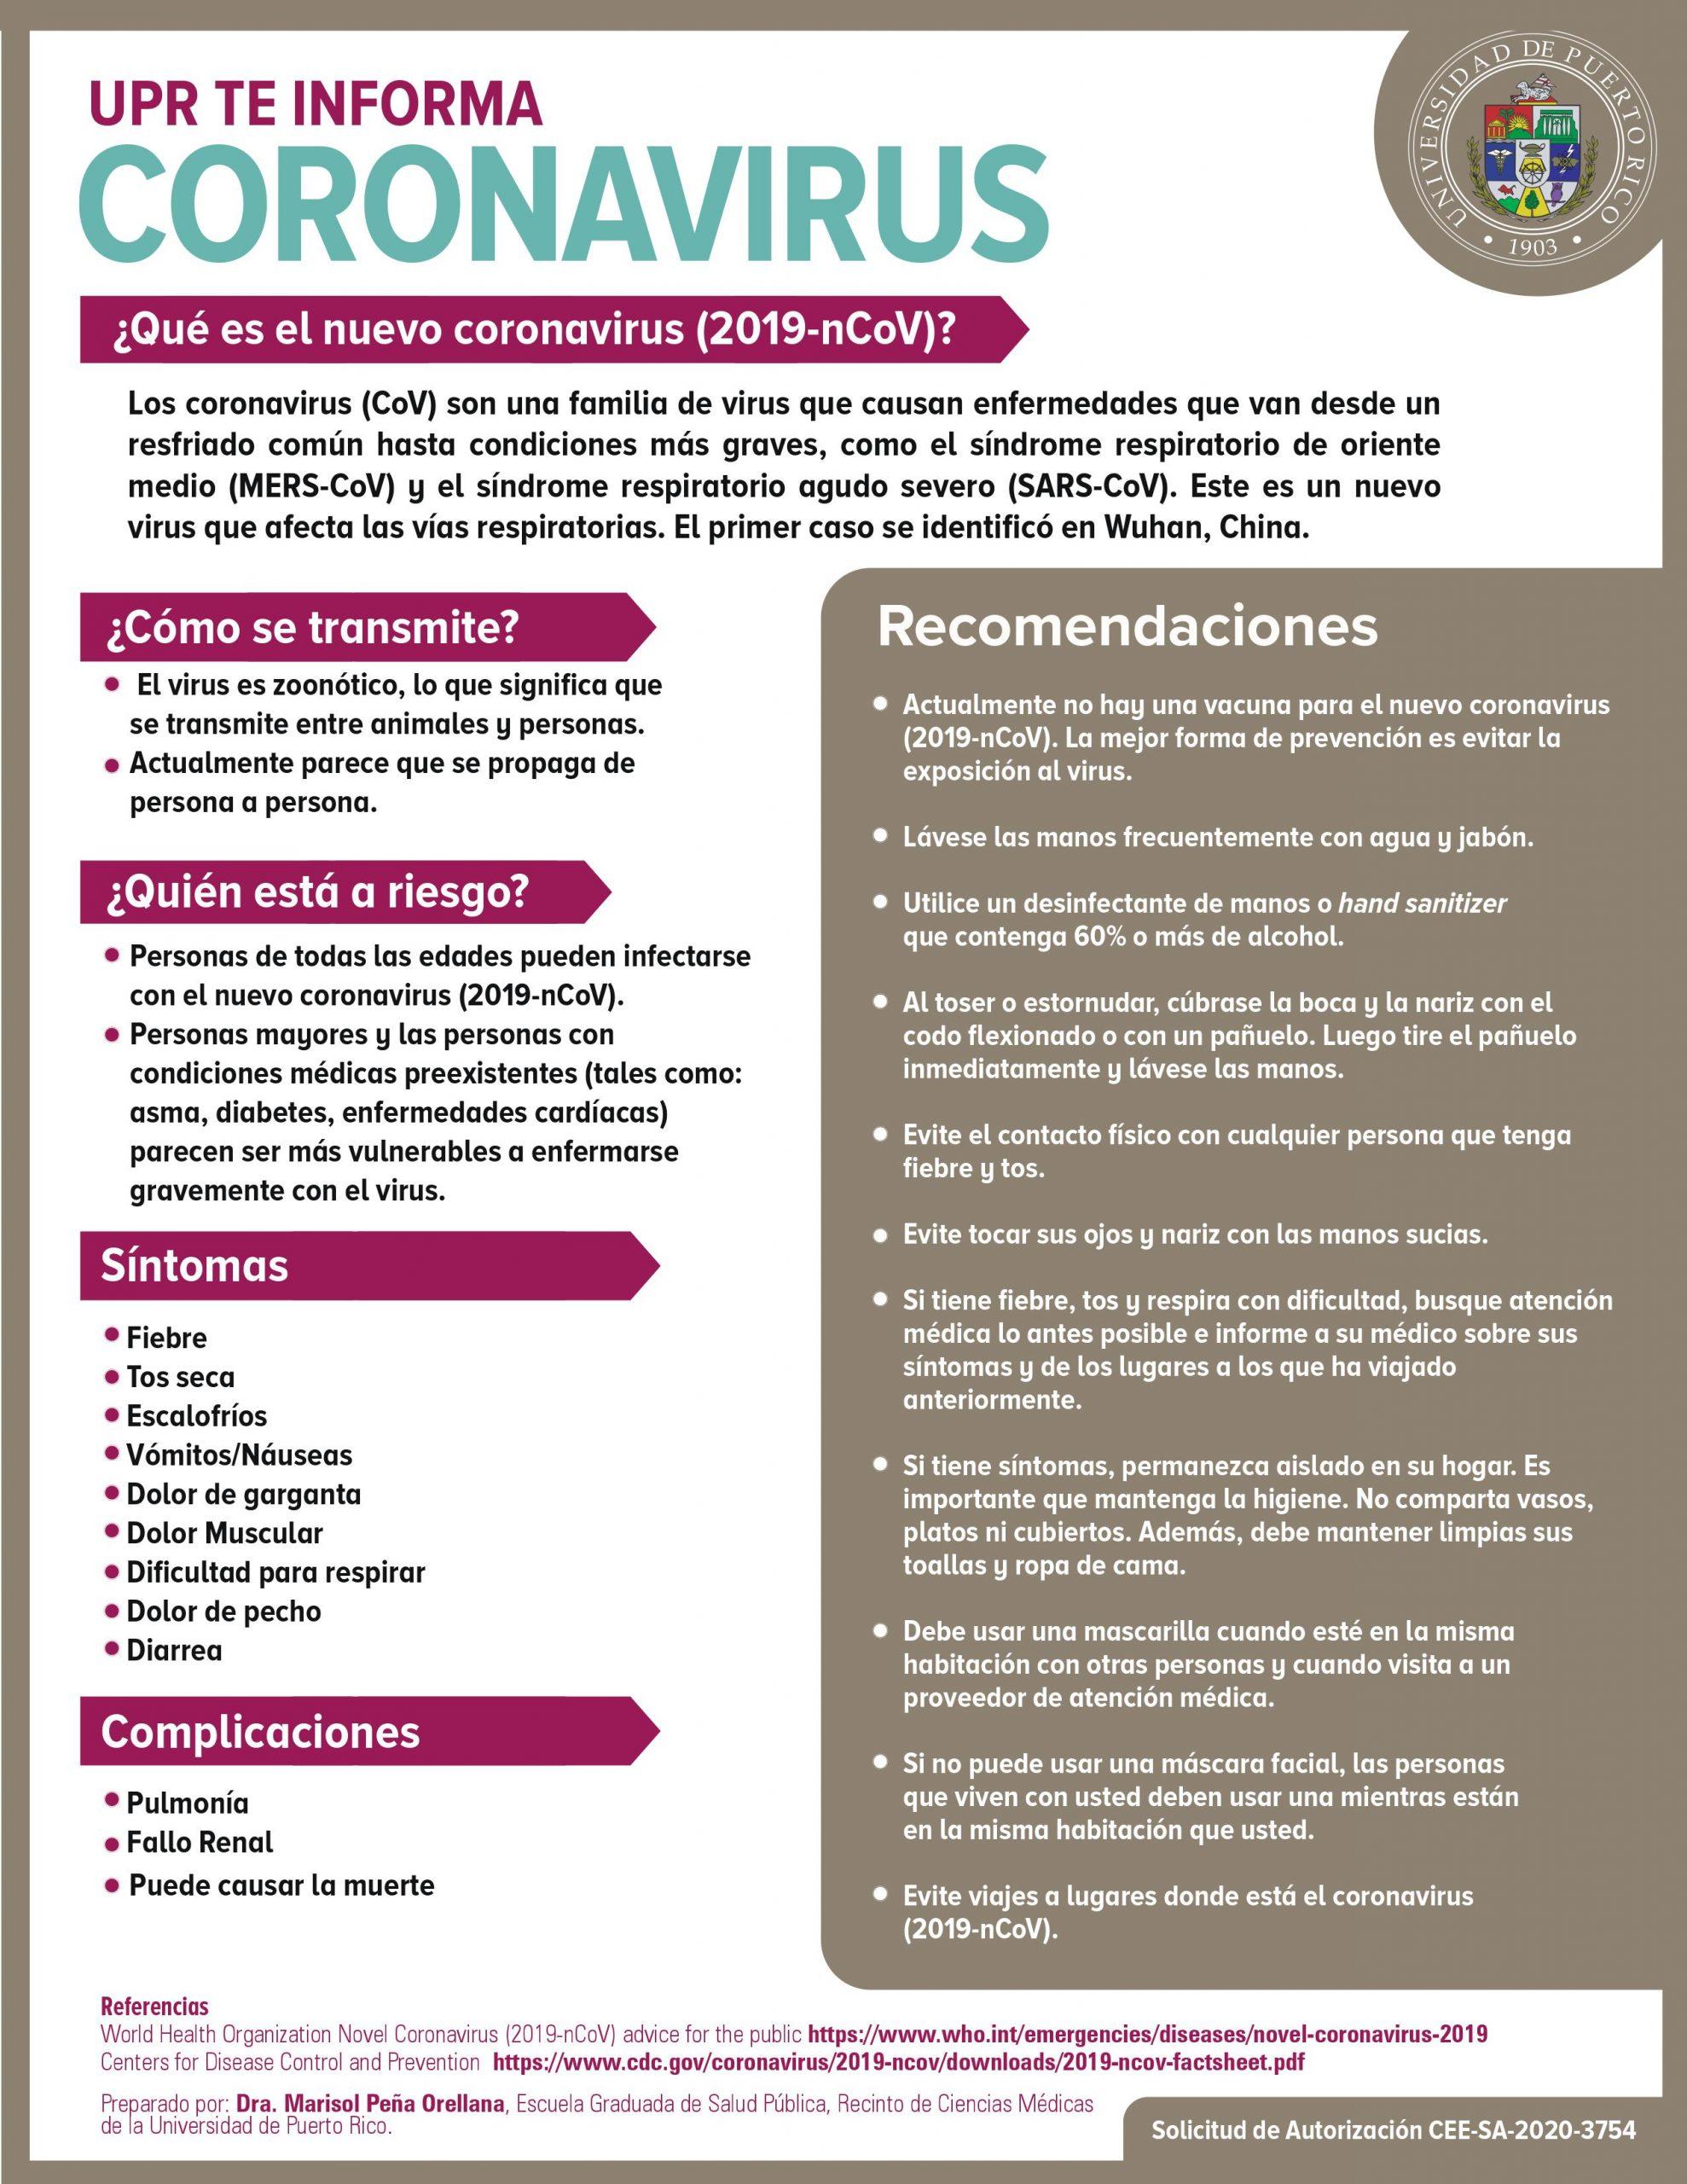 UPR te informa: Coronavirus 2019